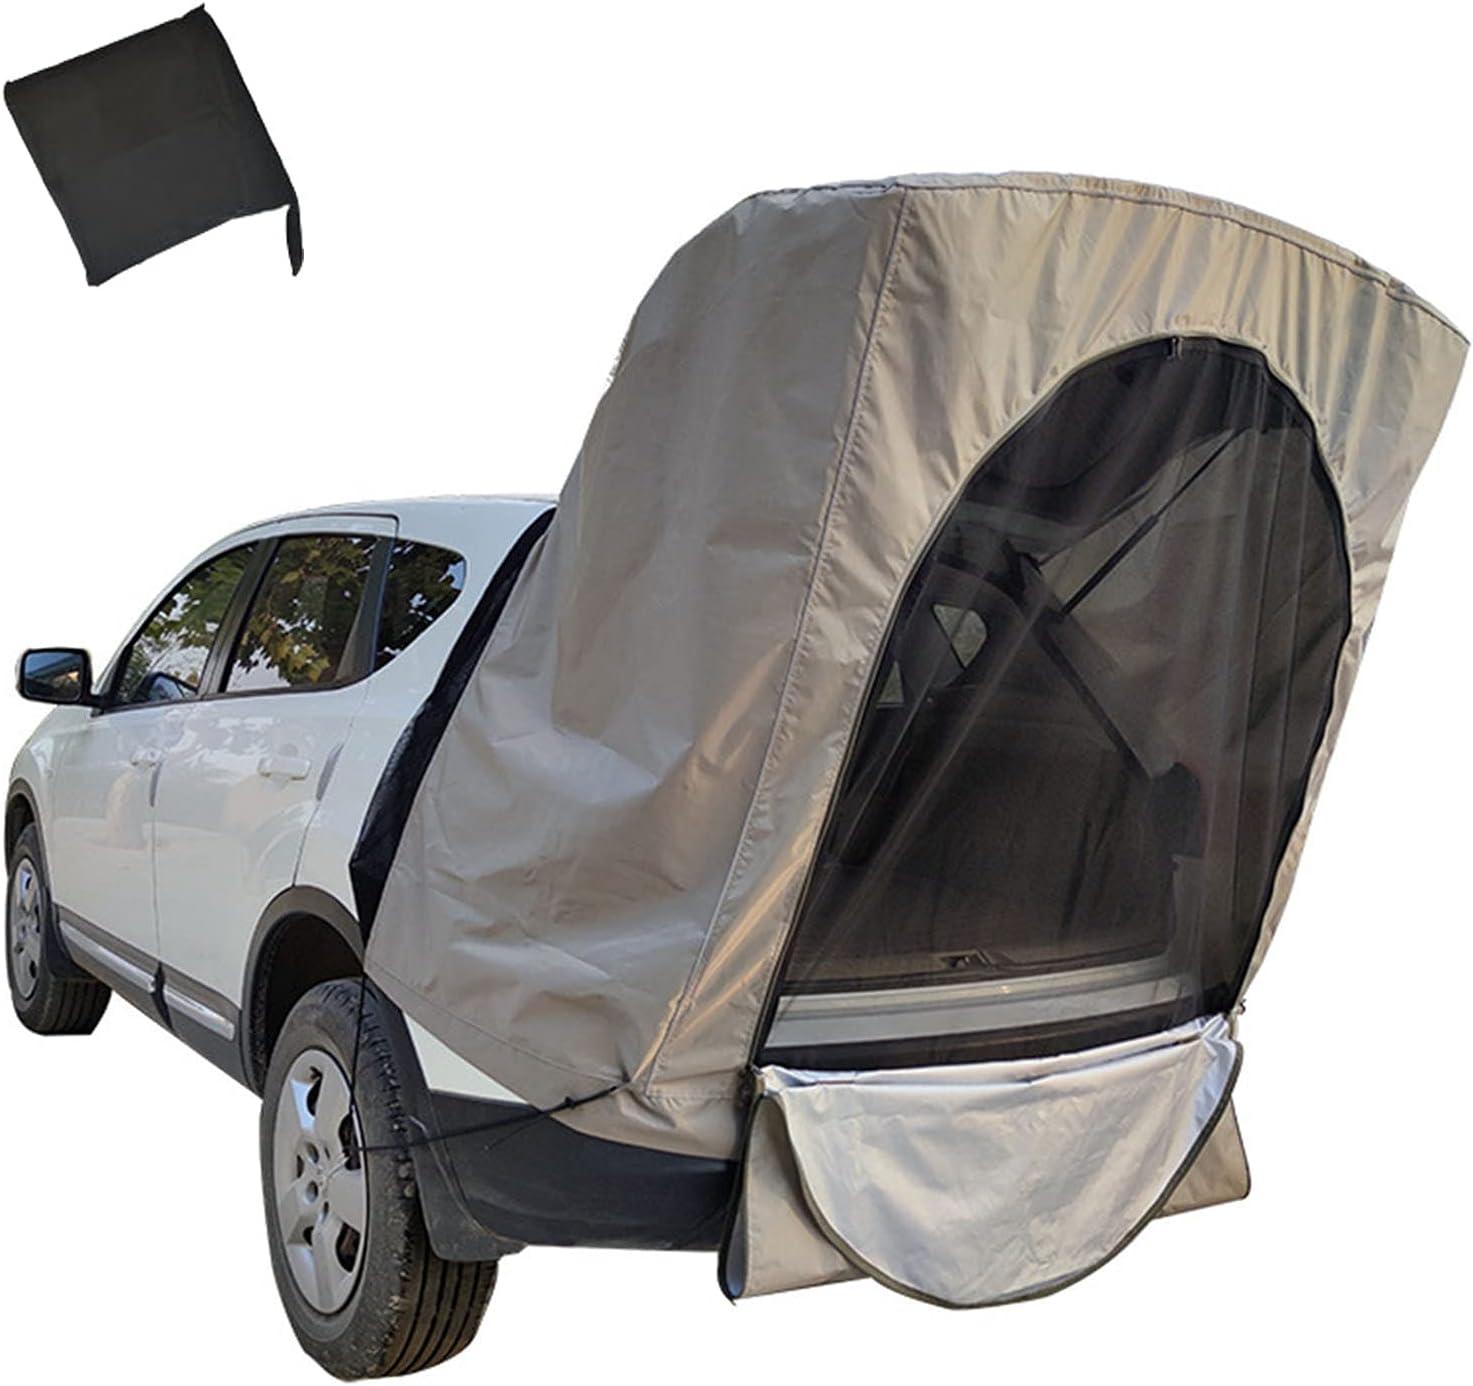 LHQ-HQ Car Truck 2021 Tent Universal Portable Proof Rain Sun Prot SUV Max 88% OFF